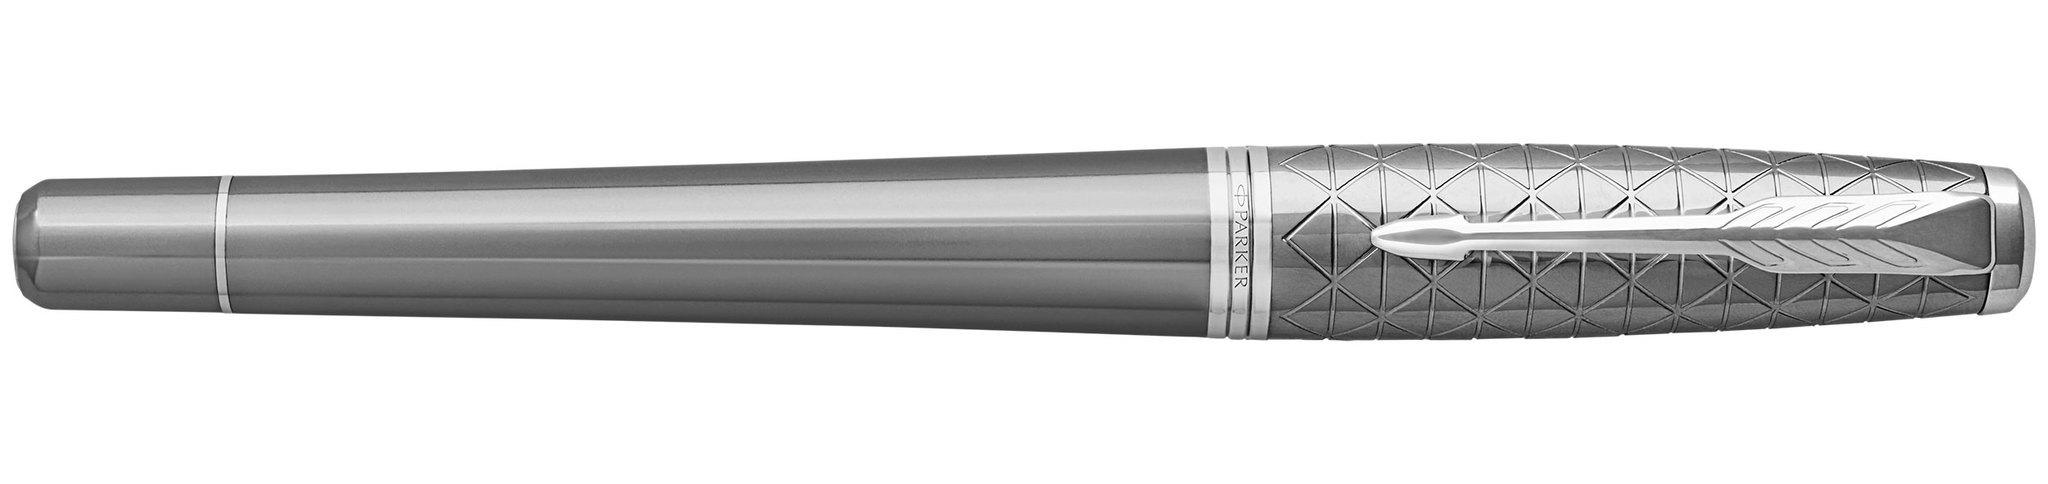 Parker Urban Premium - Silvered Powder CT, перьевая ручка, F